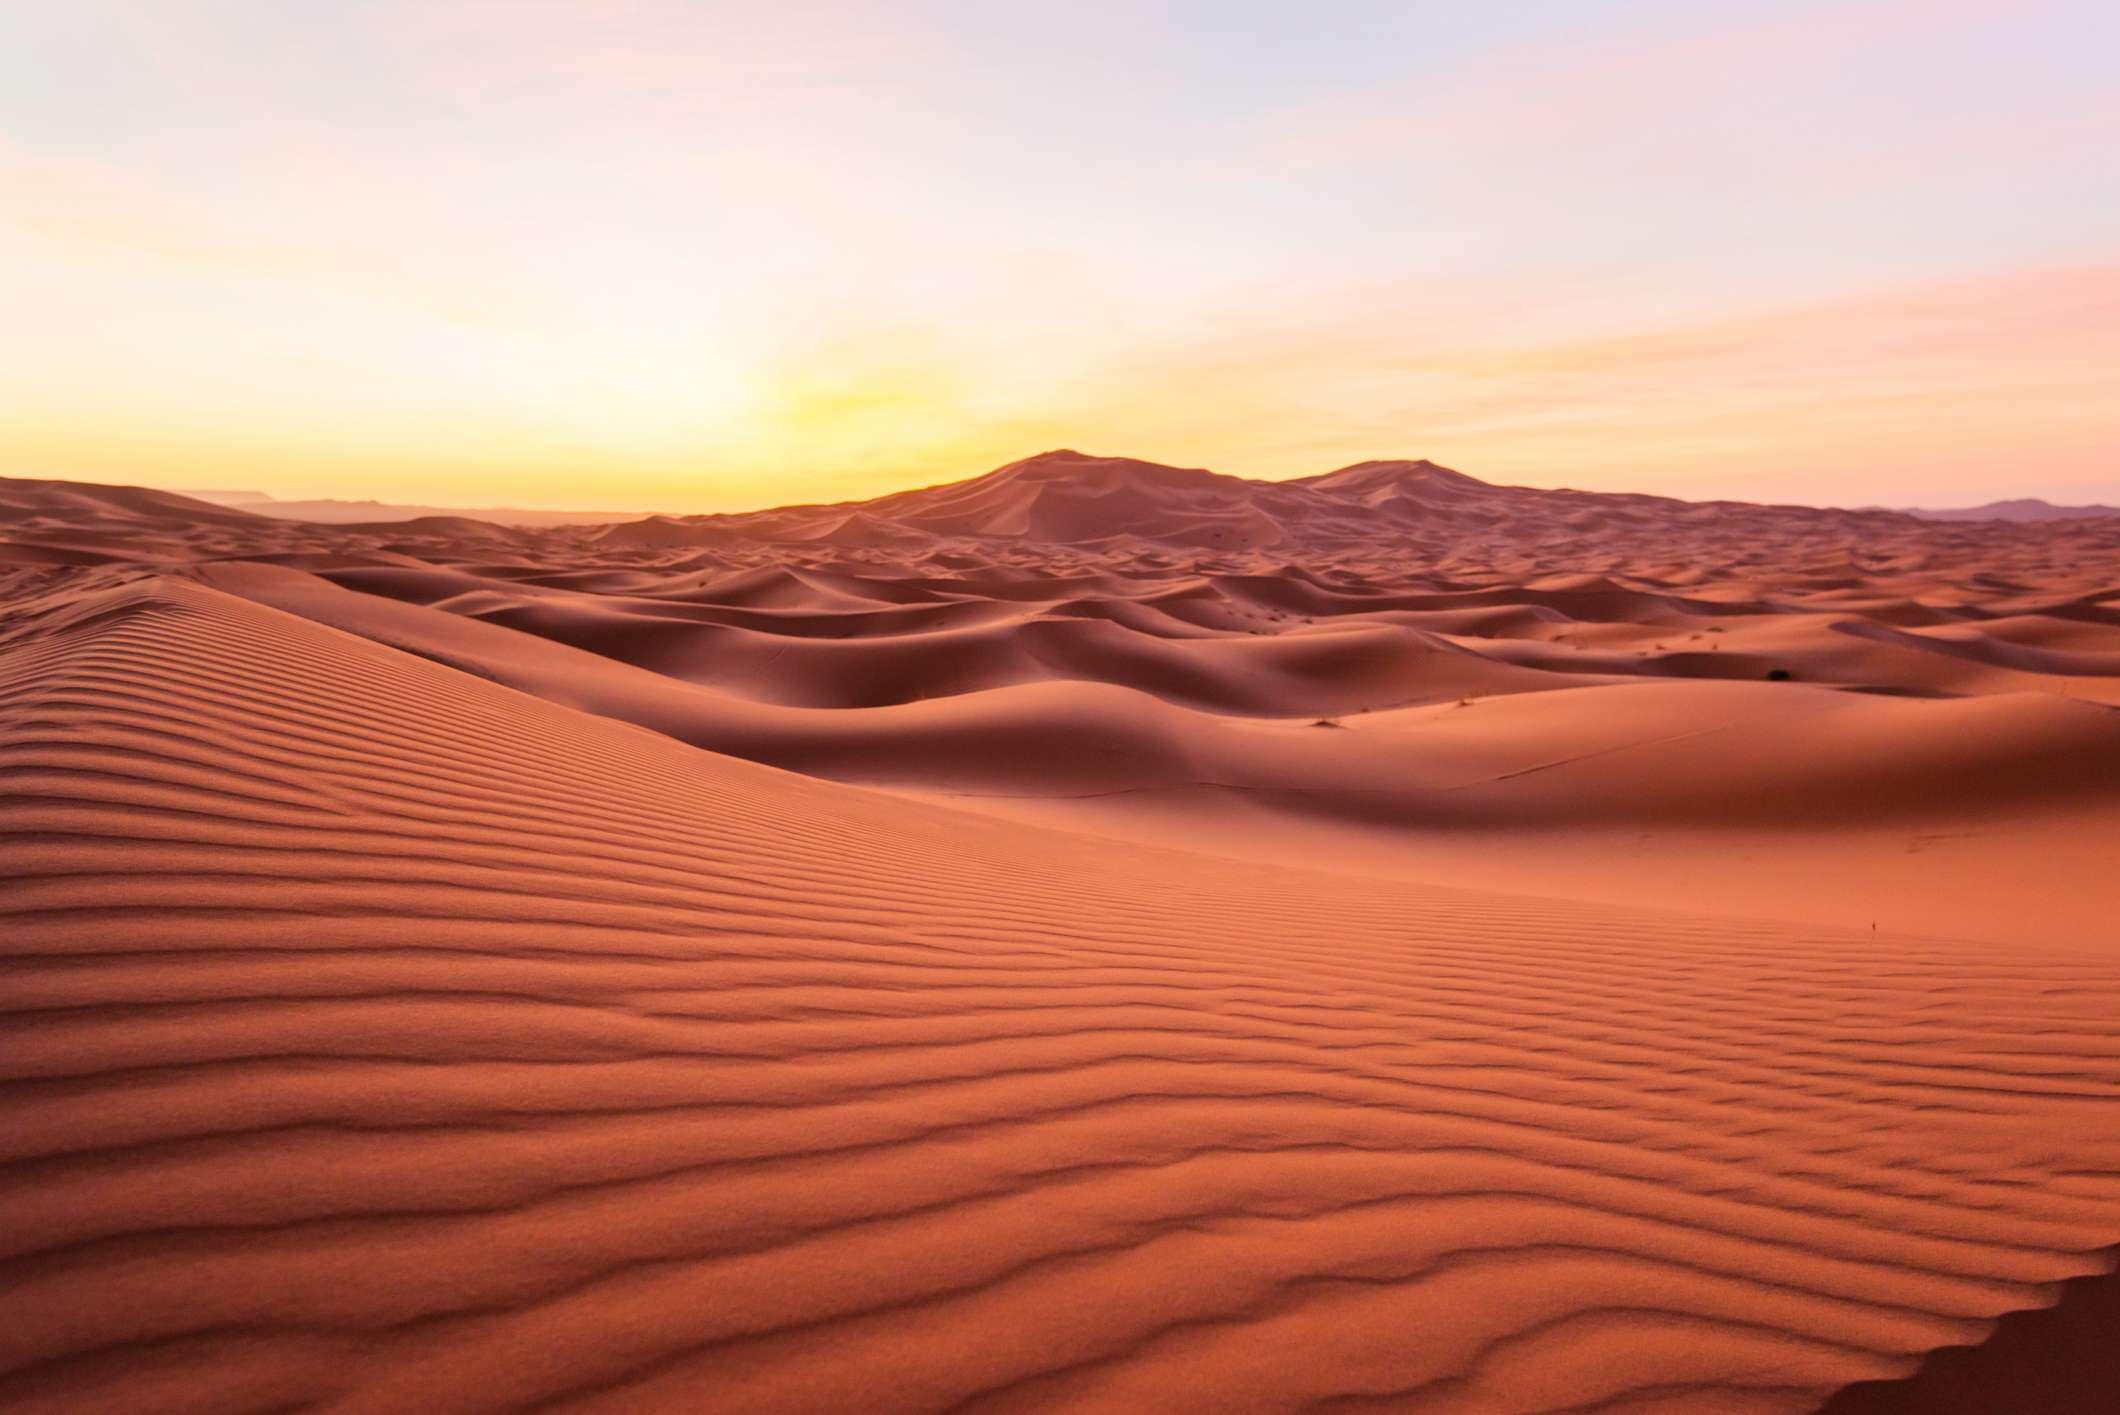 Sahara desert san dunes at sunrise